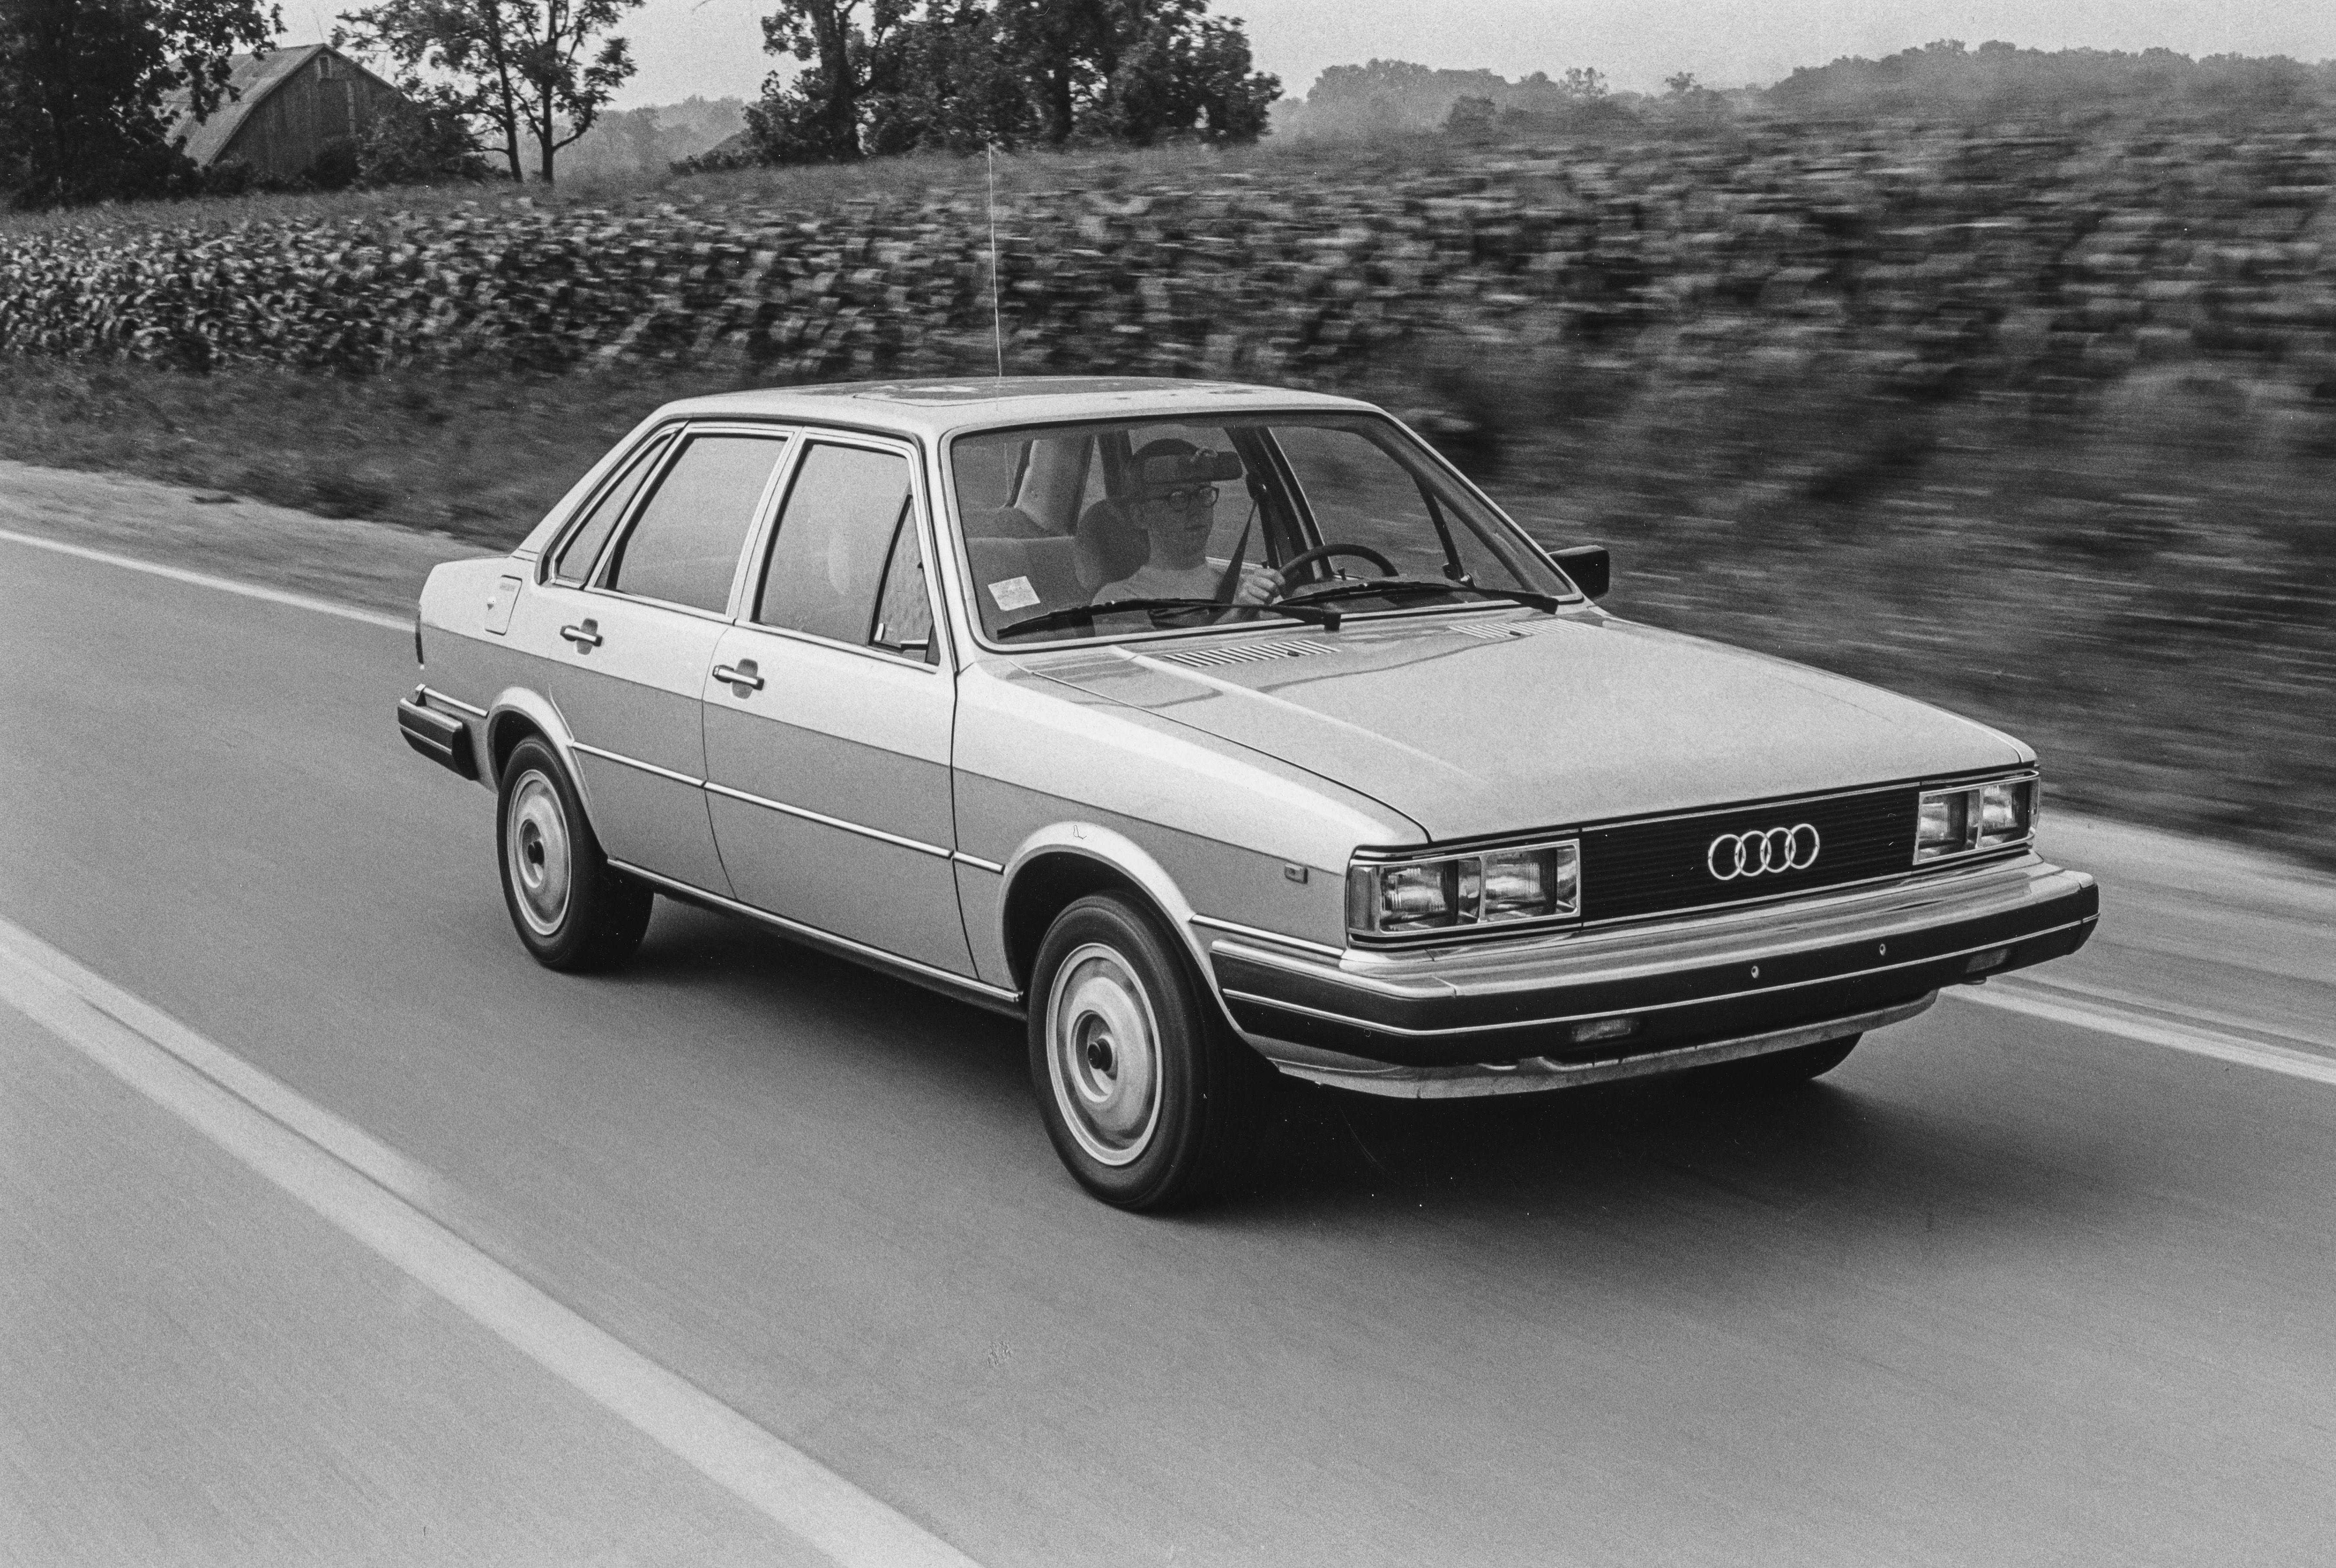 Kelebihan Kekurangan Audi 1980 Tangguh